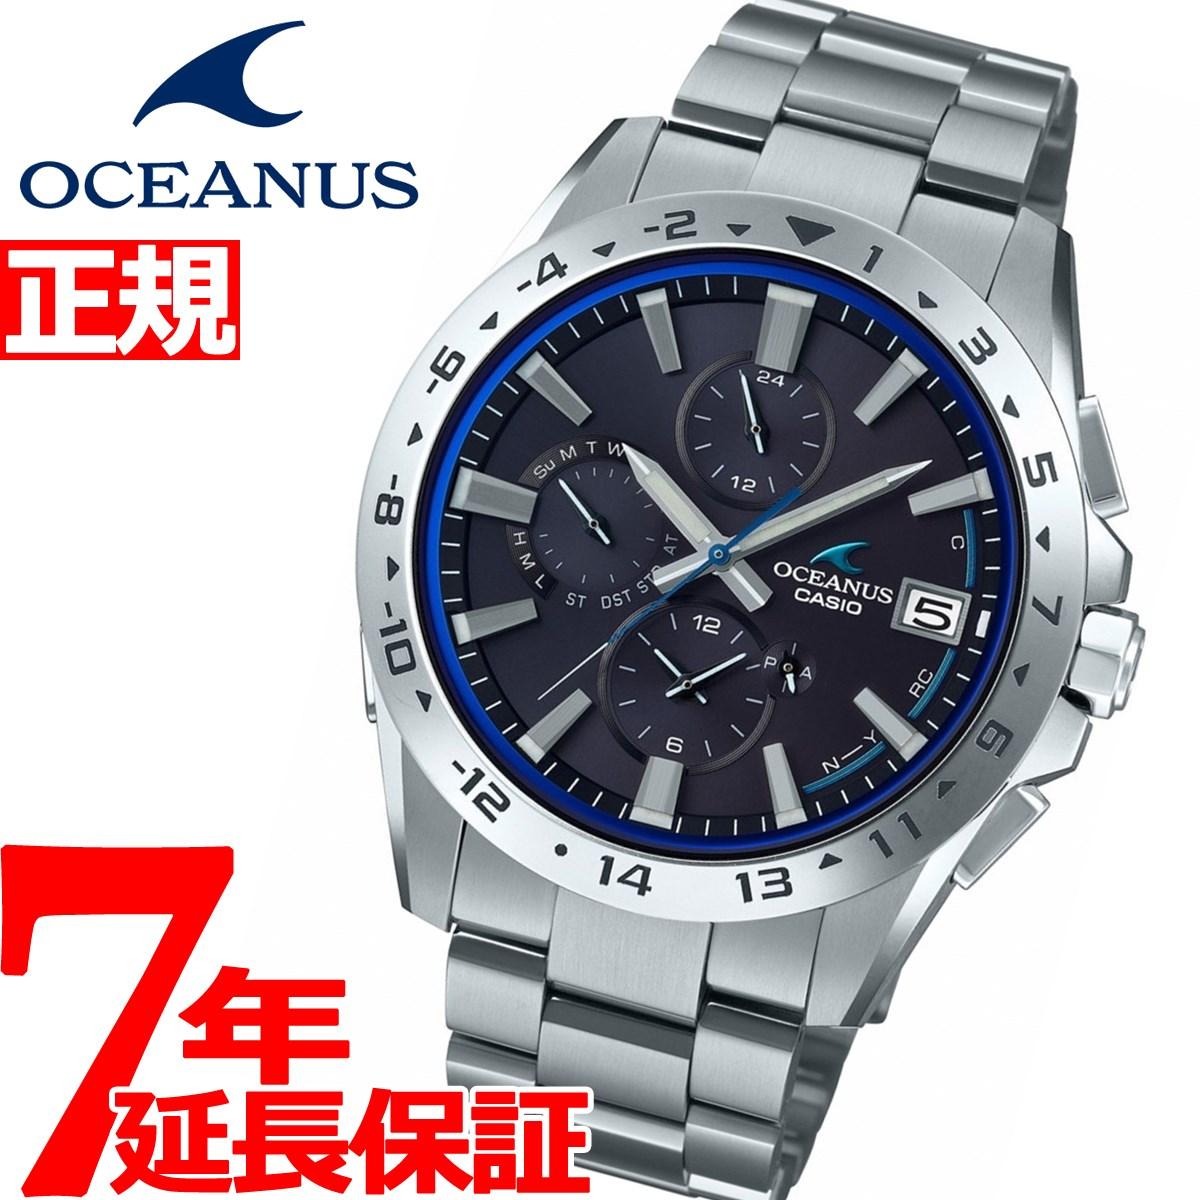 ニールがお得!今ならポイント最大39倍!10日23時59分まで! カシオ オシアナス 電波 ソーラー 腕時計 メンズ タフソーラー CASIO OCEANUS Classic Line OCW-T3000-1AJF【2018 新作】